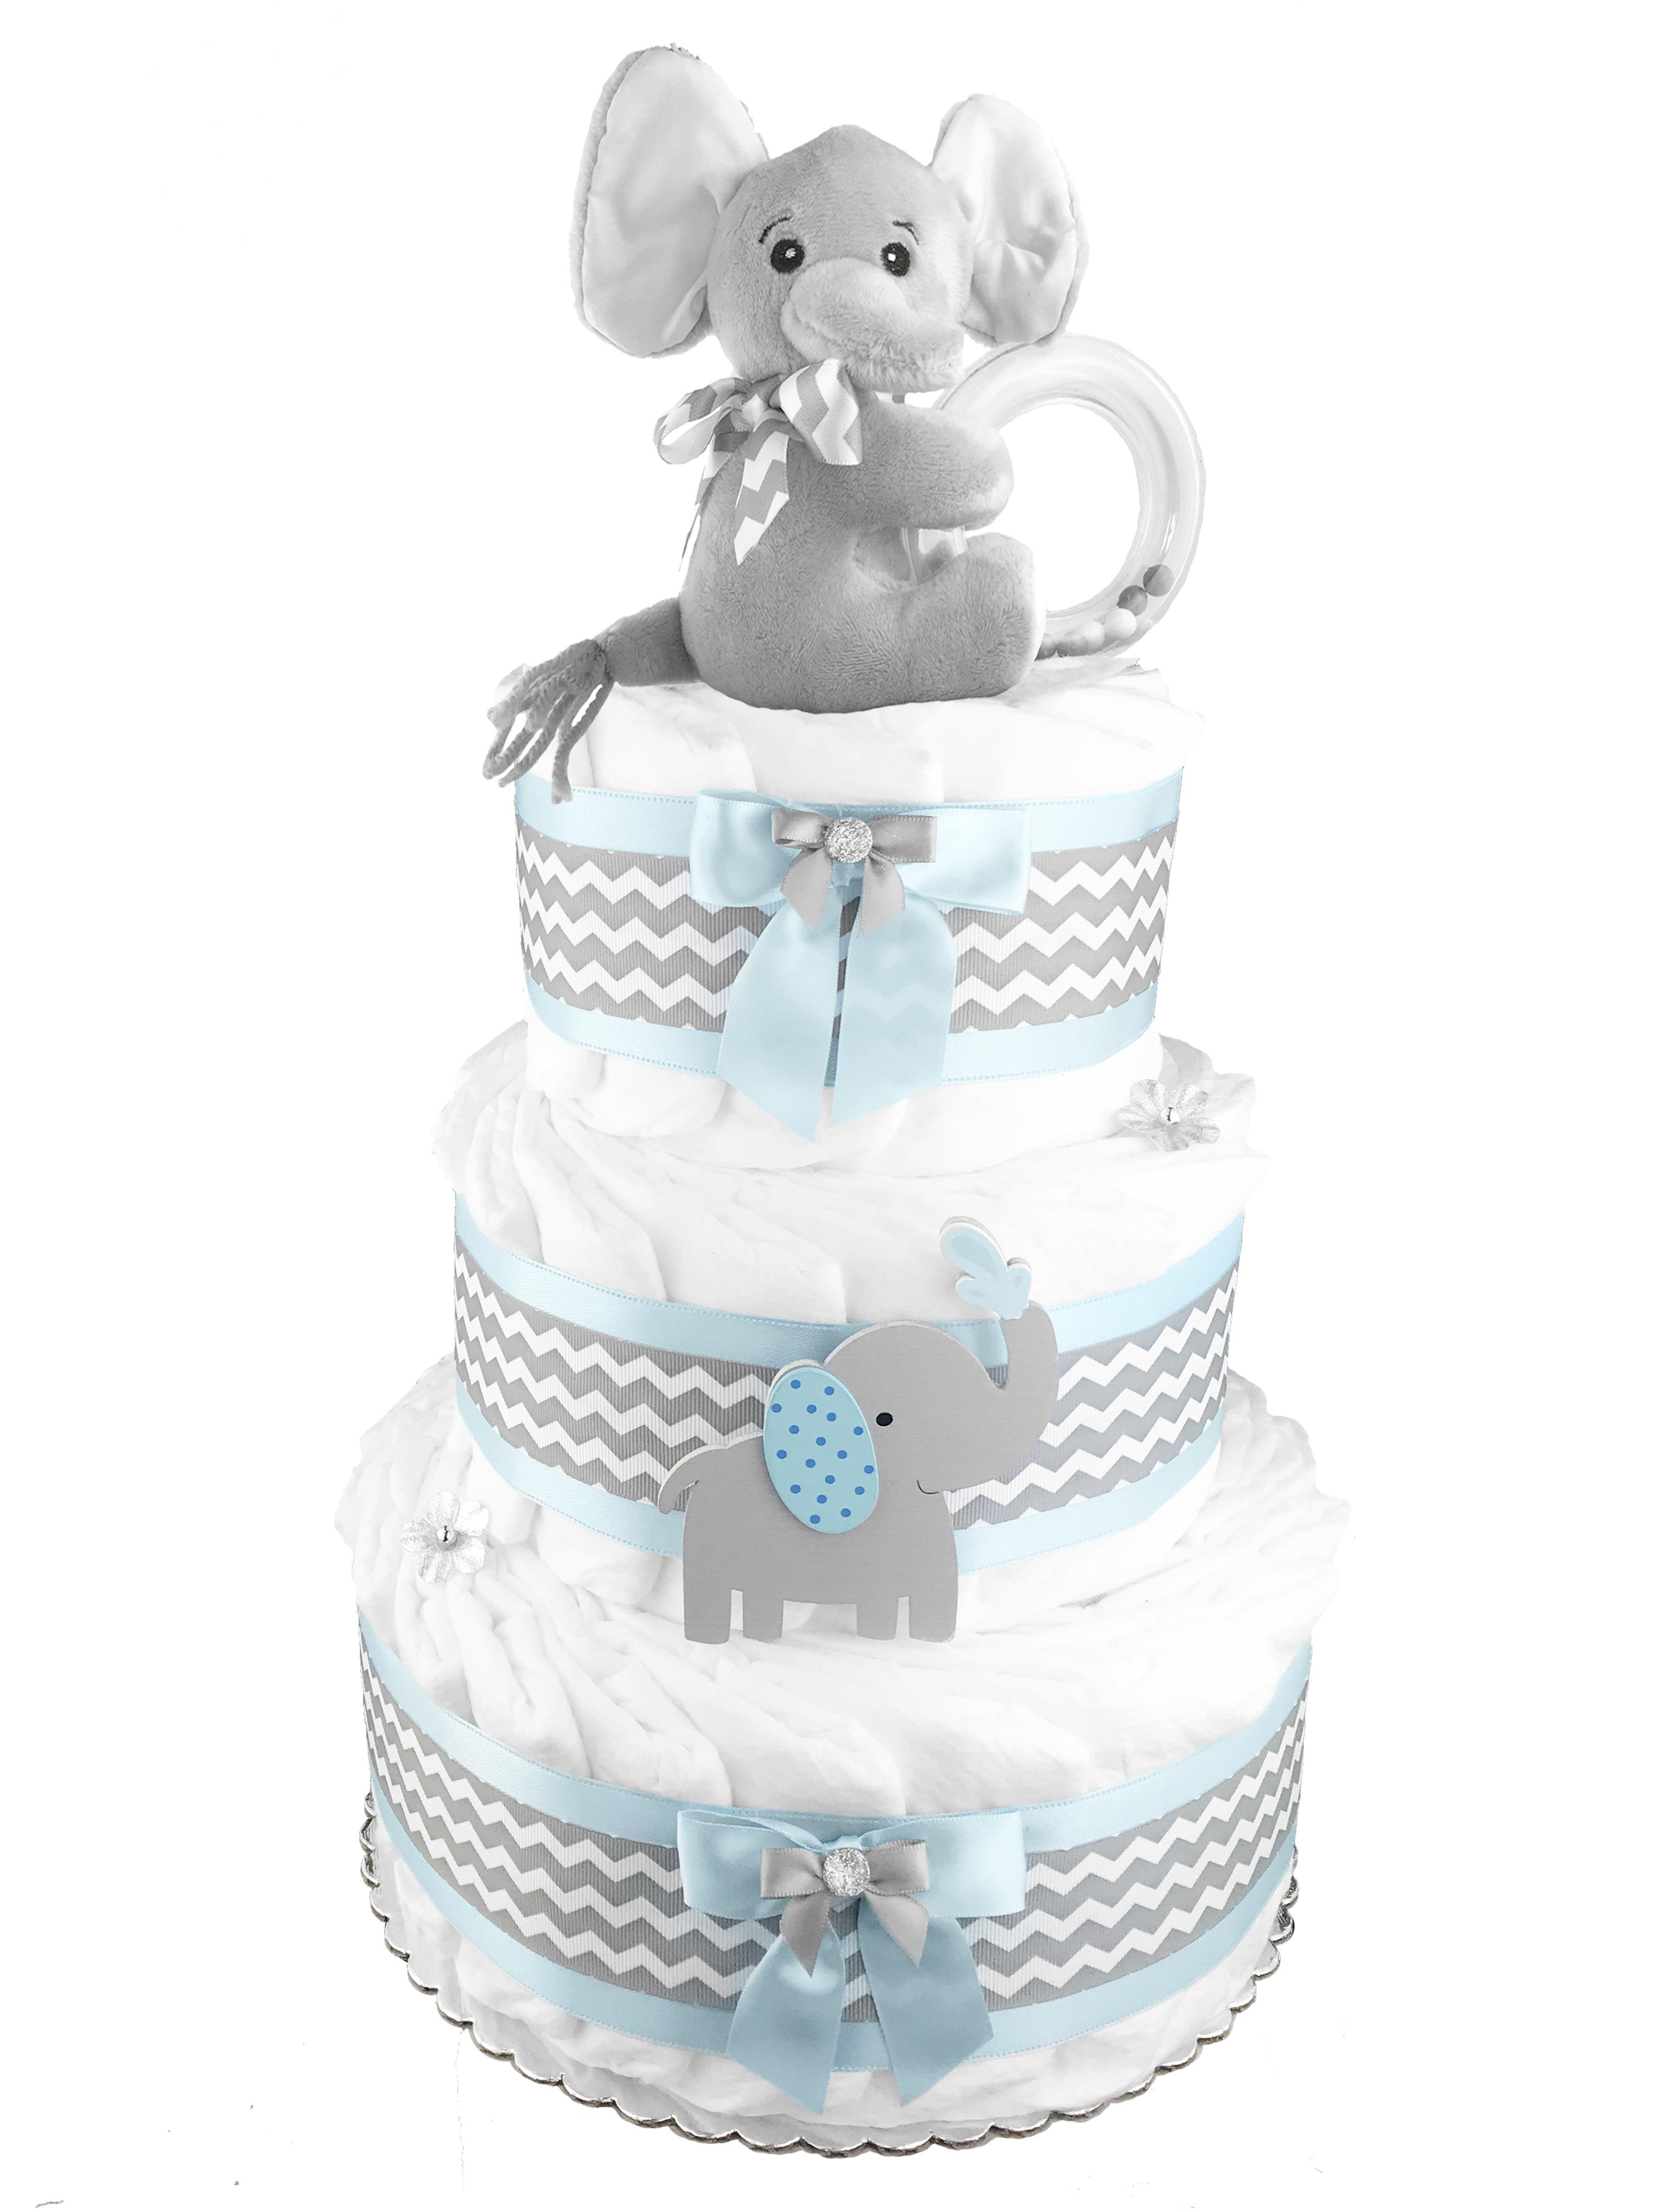 86df79452 Elephant 3-Tier Diaper Cake for a Boy - Baby Shower Centerpiece ...